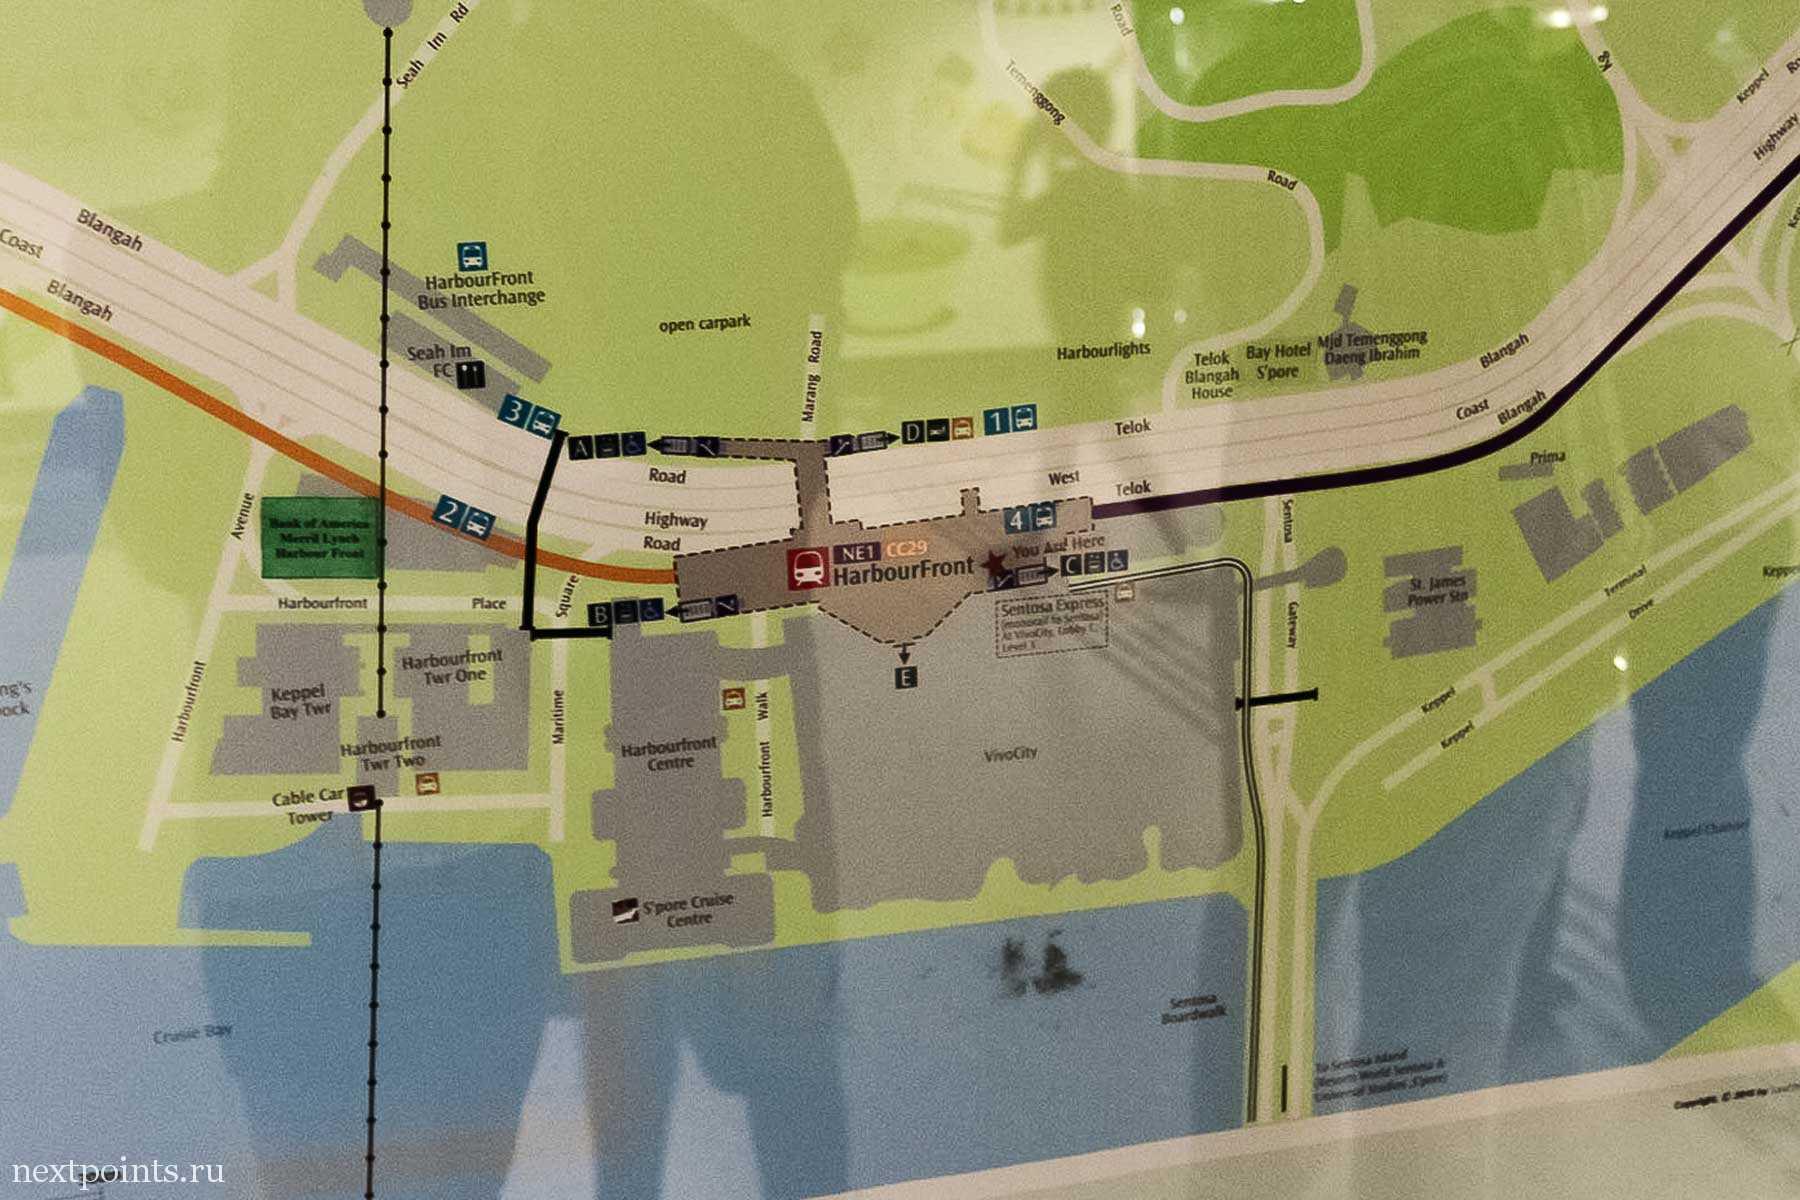 Карта станции метро Harbourfront и окружающей местности. Очень удобно.